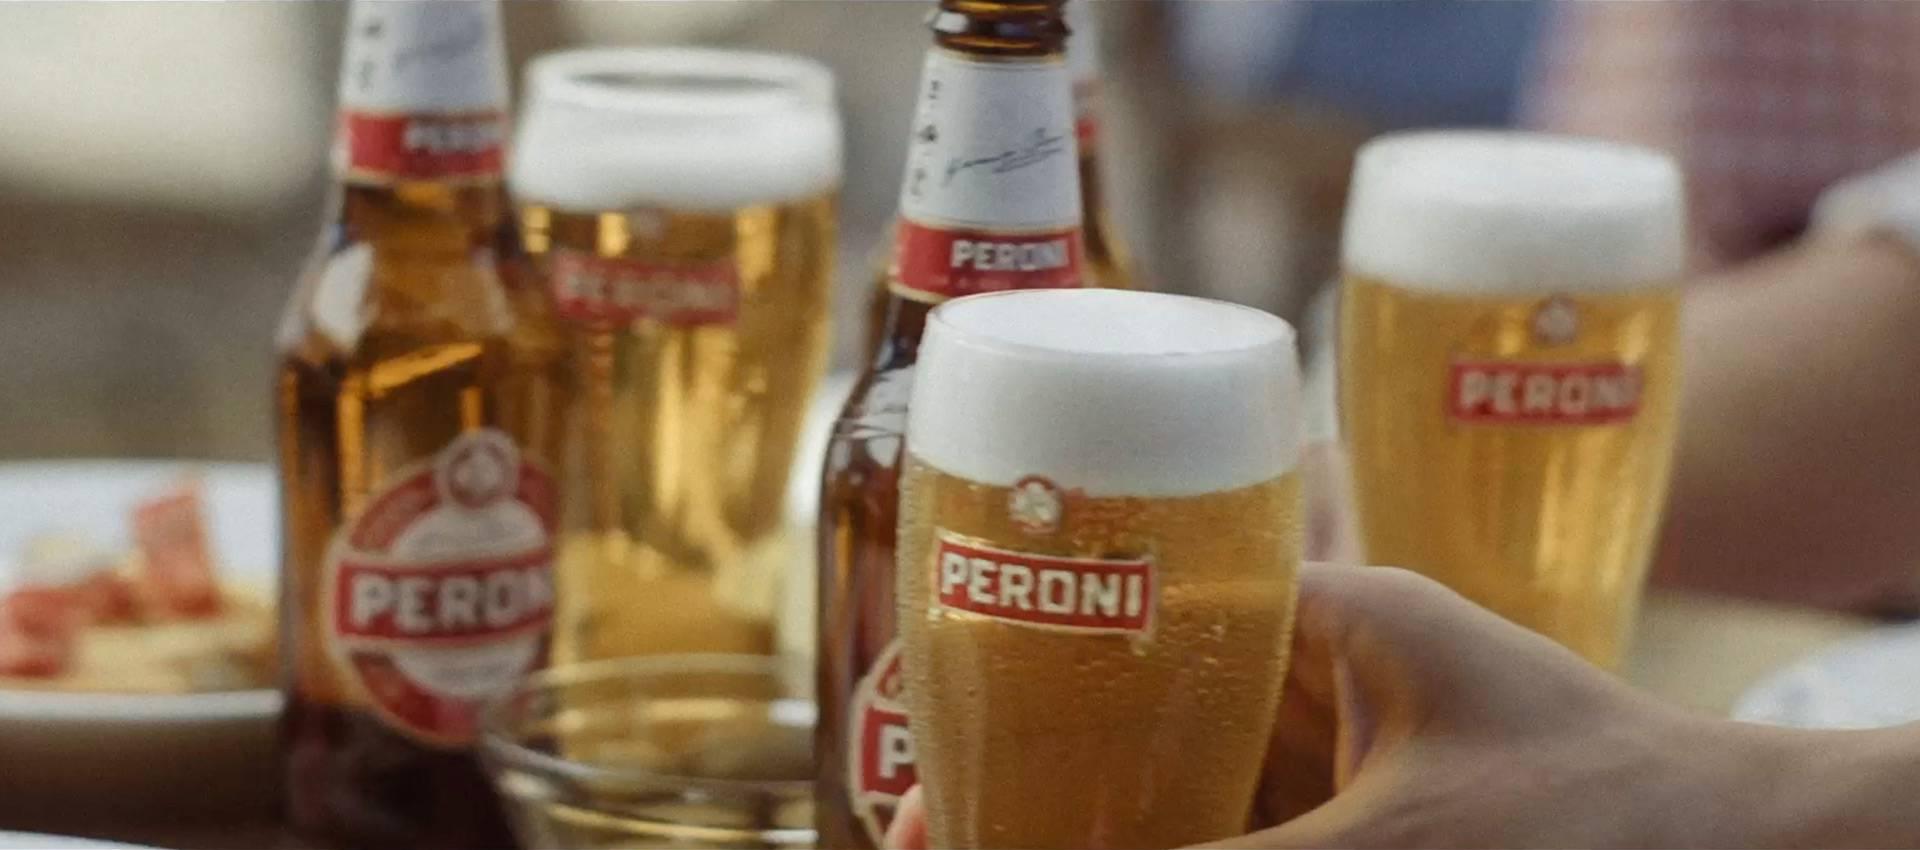 Birra Peroni: nuova linea di imbottigliamento a Bari